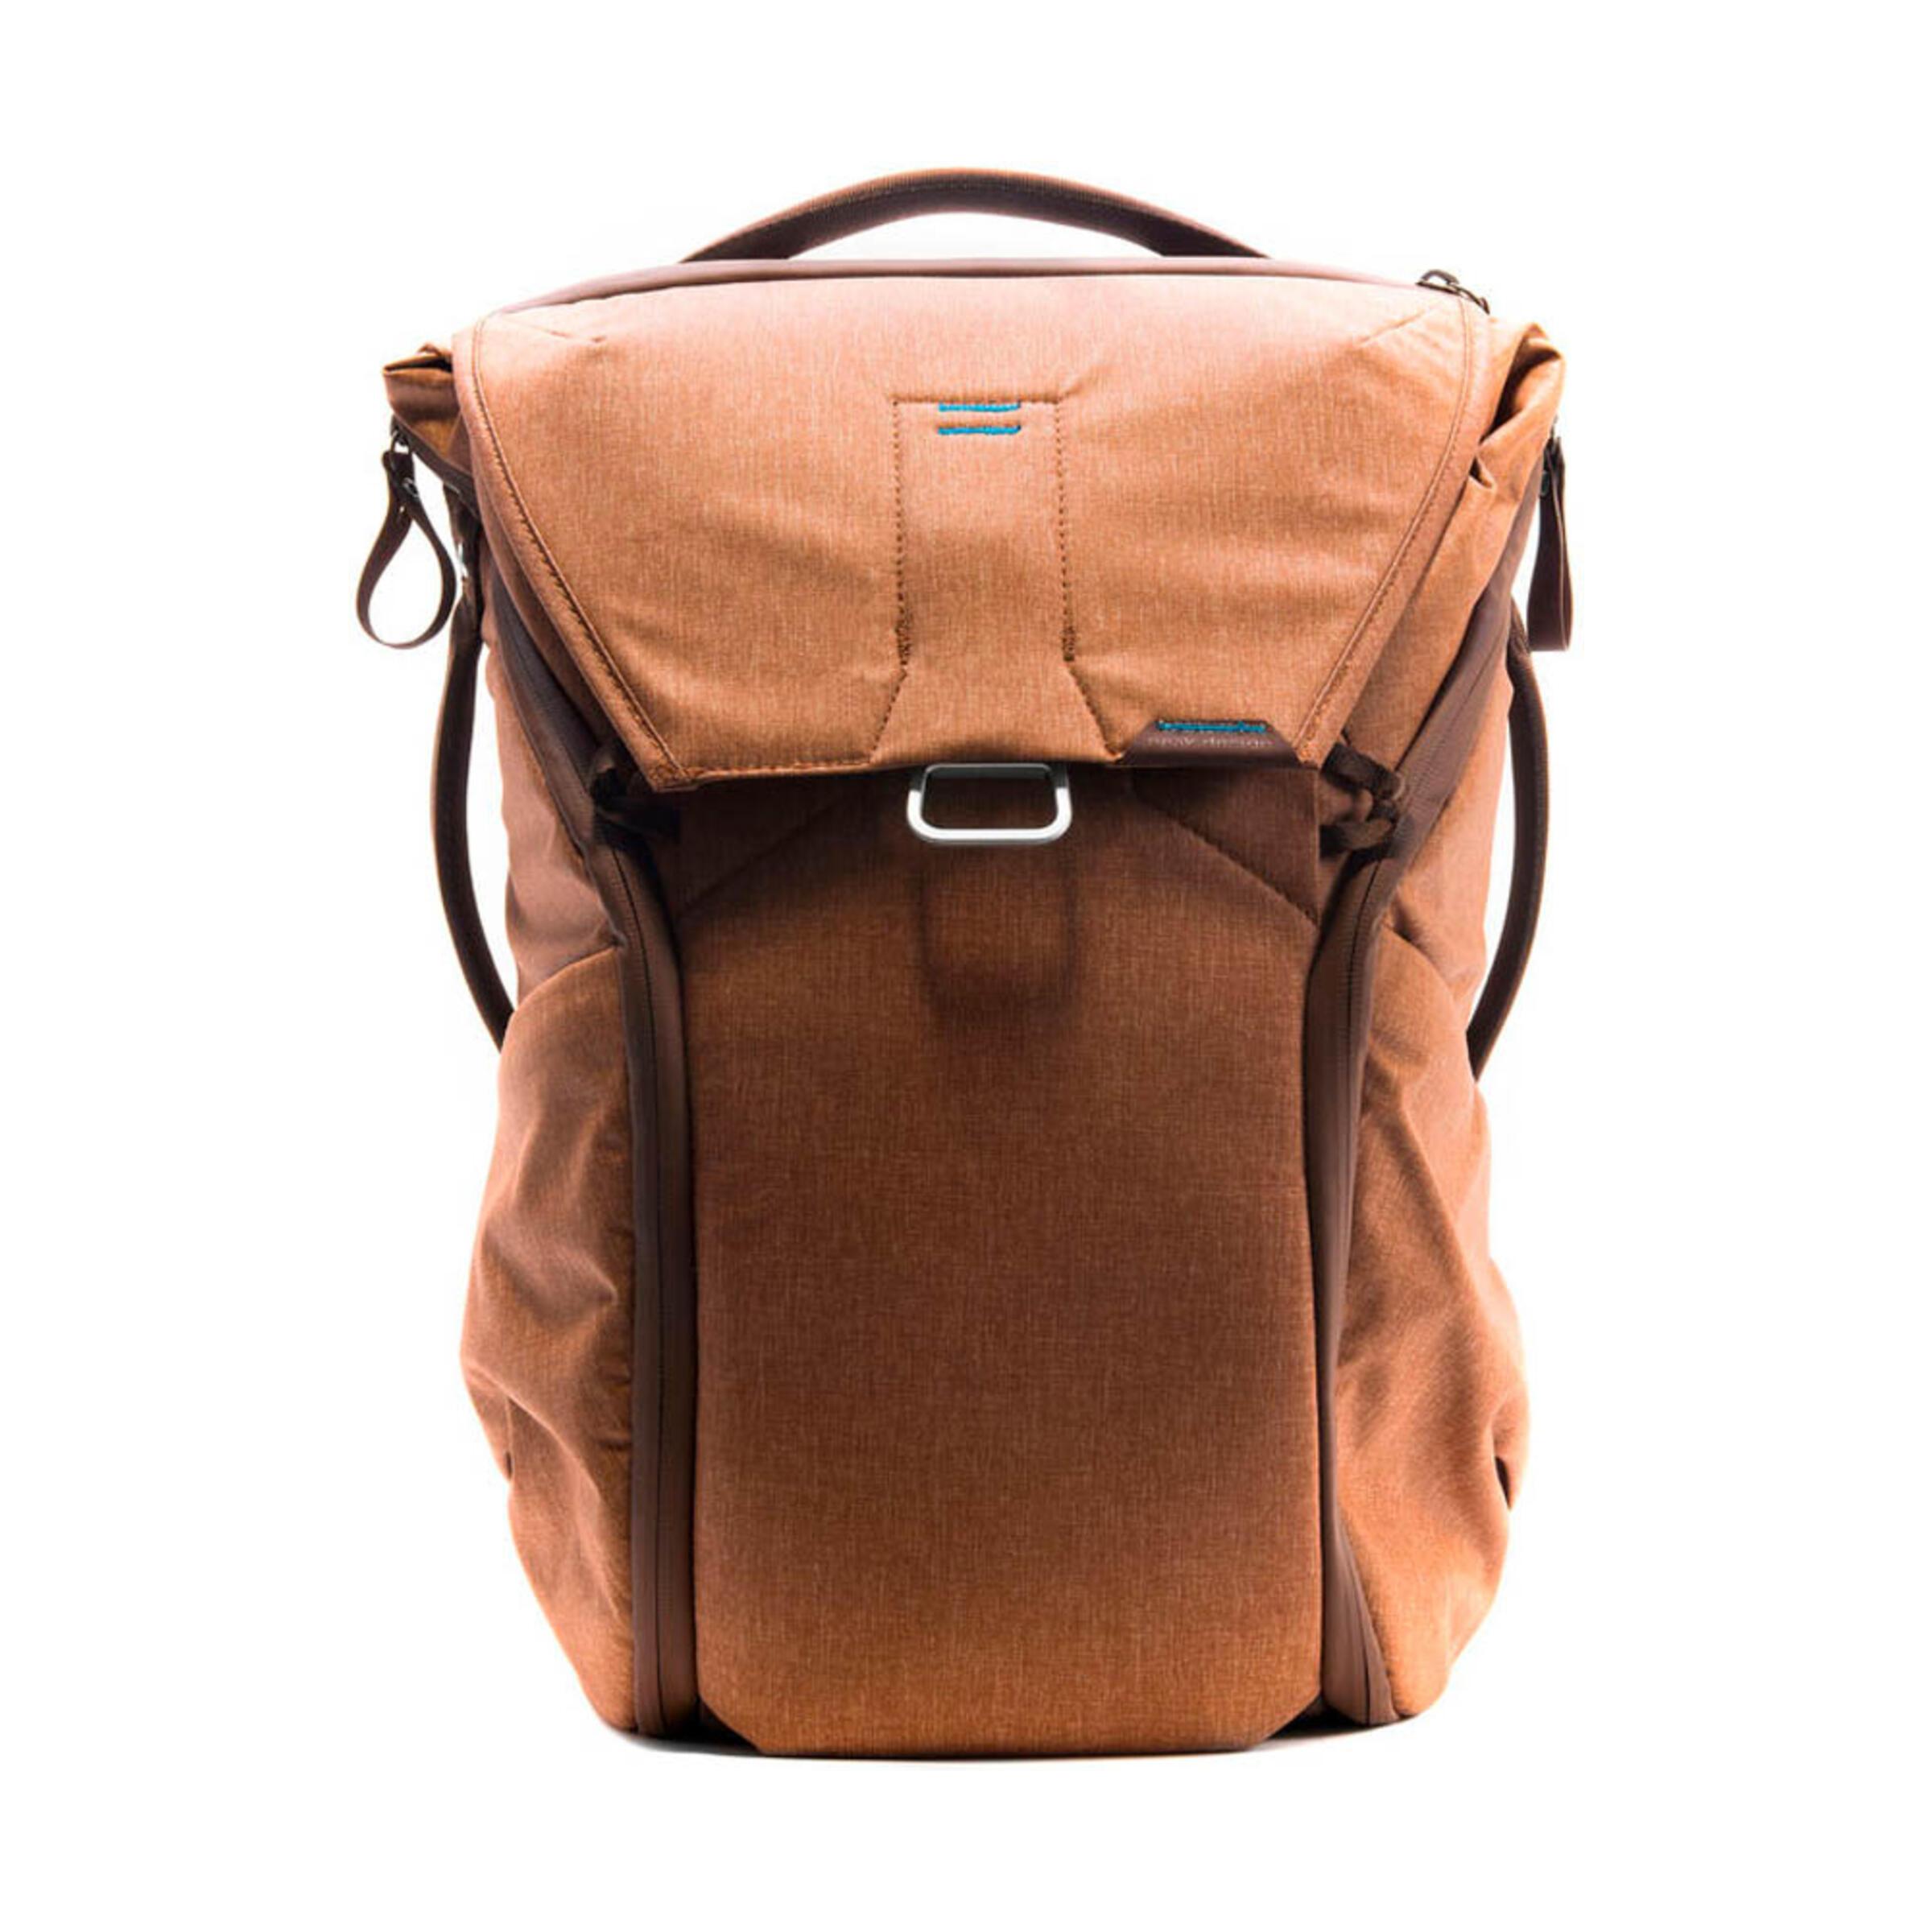 Peak Design Everyday Backpack 20L : Tan